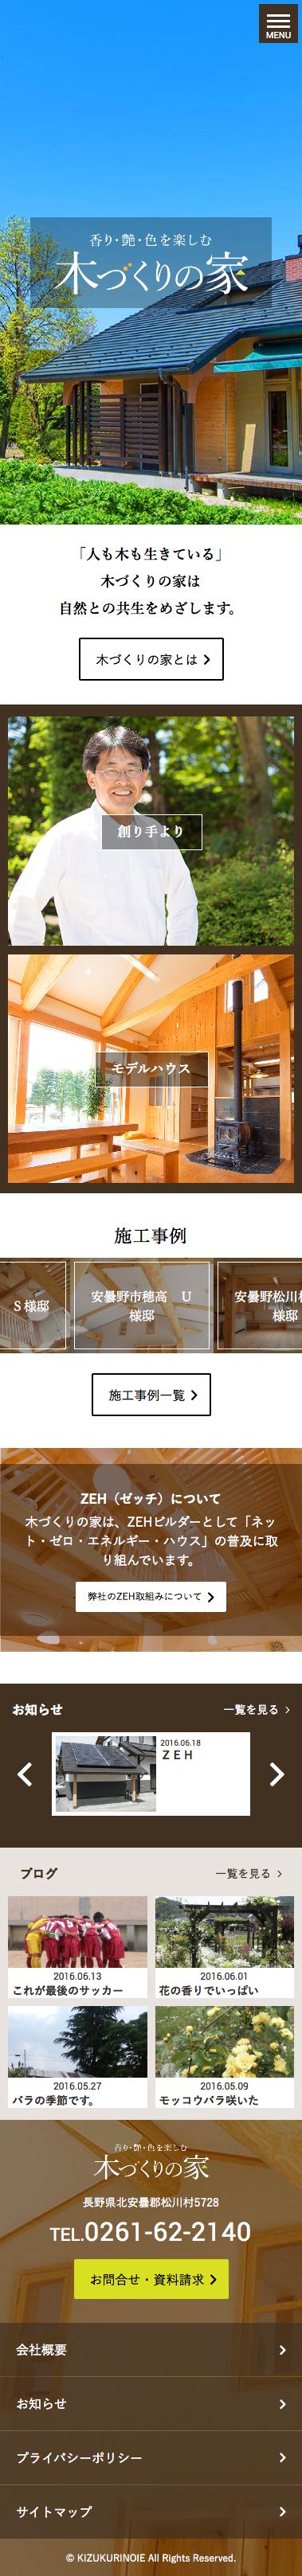 木づくりの家 - 木のお家を建てるなら長野県安曇野松川村の高橋林業へ-www.kizukurinoie.jp(1)